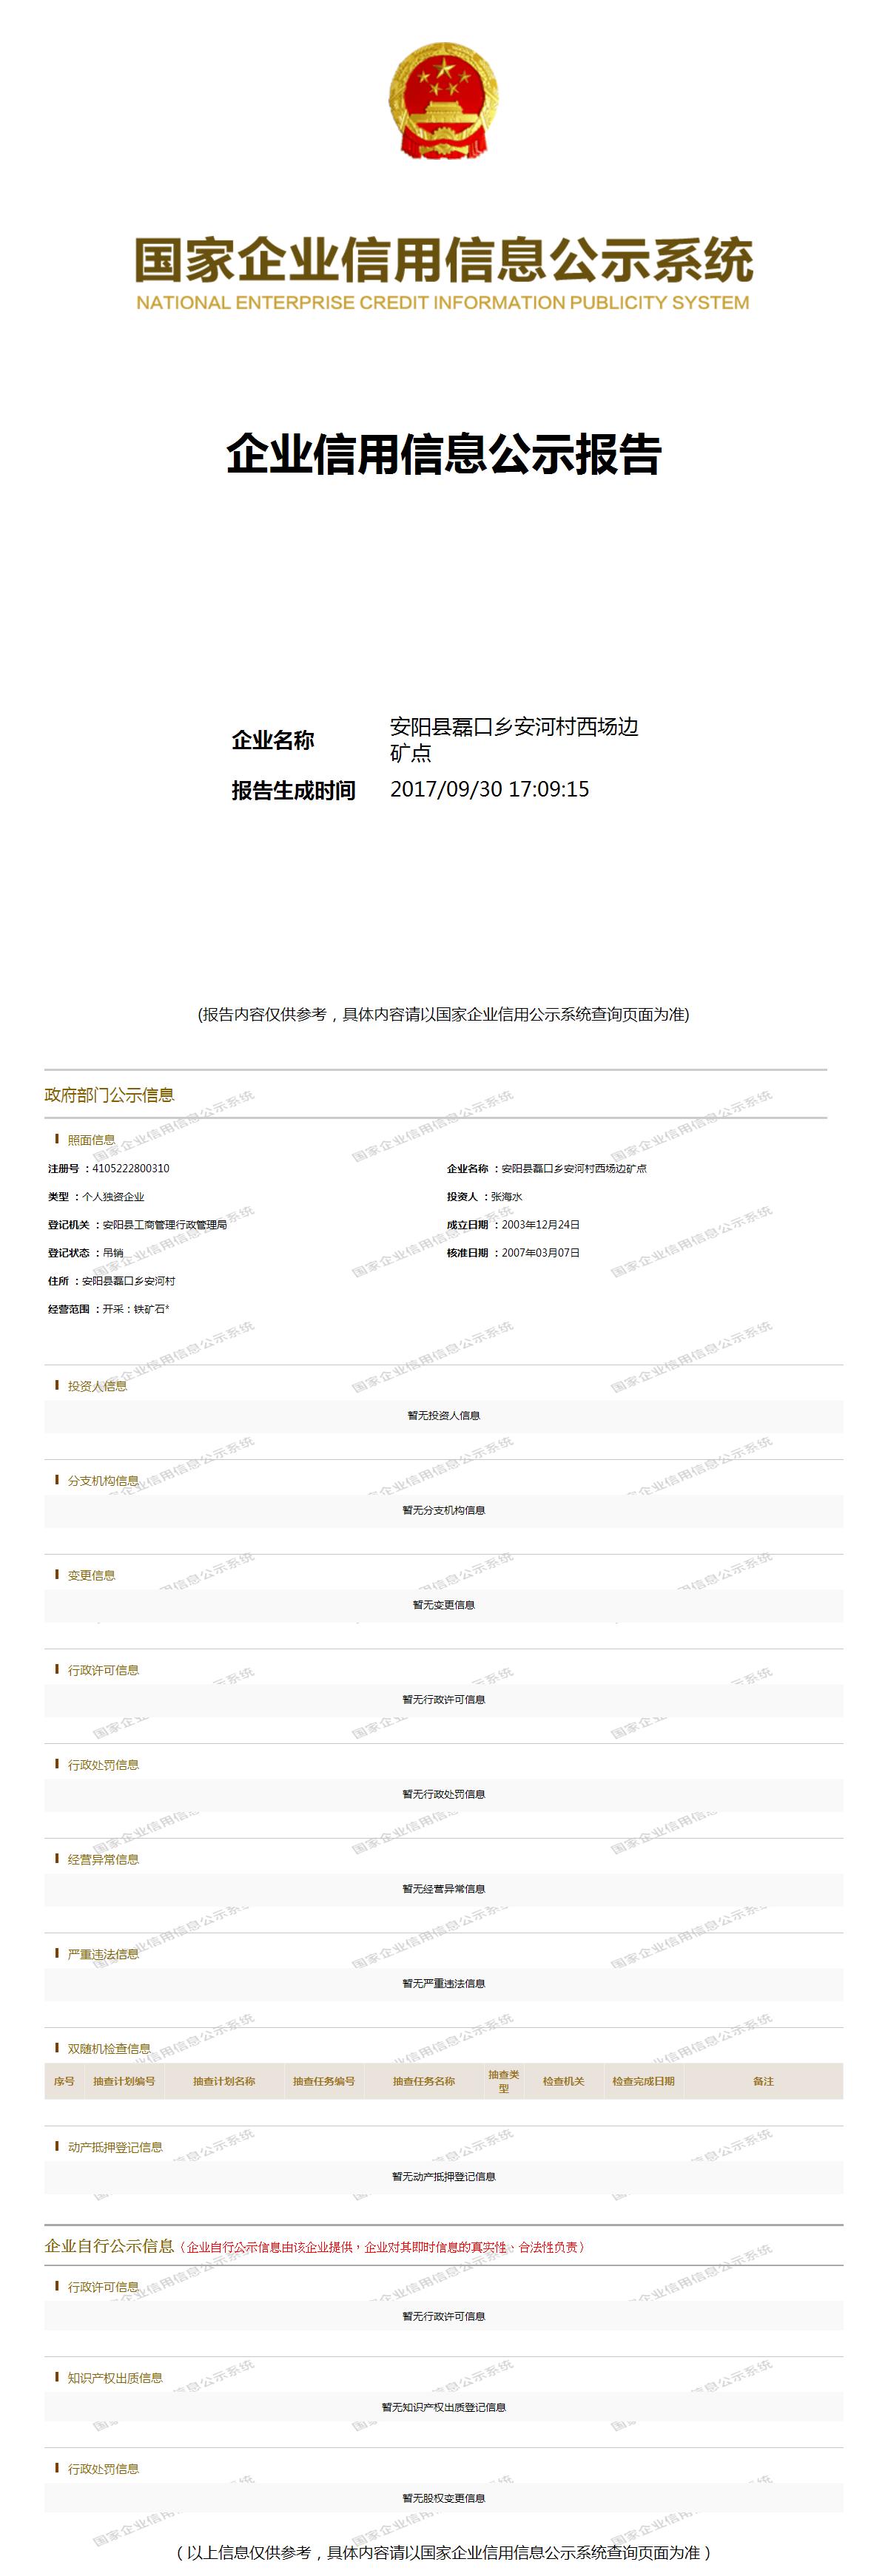 安阳县磊口乡安河村西场边矿点 - 工商官网信息快照